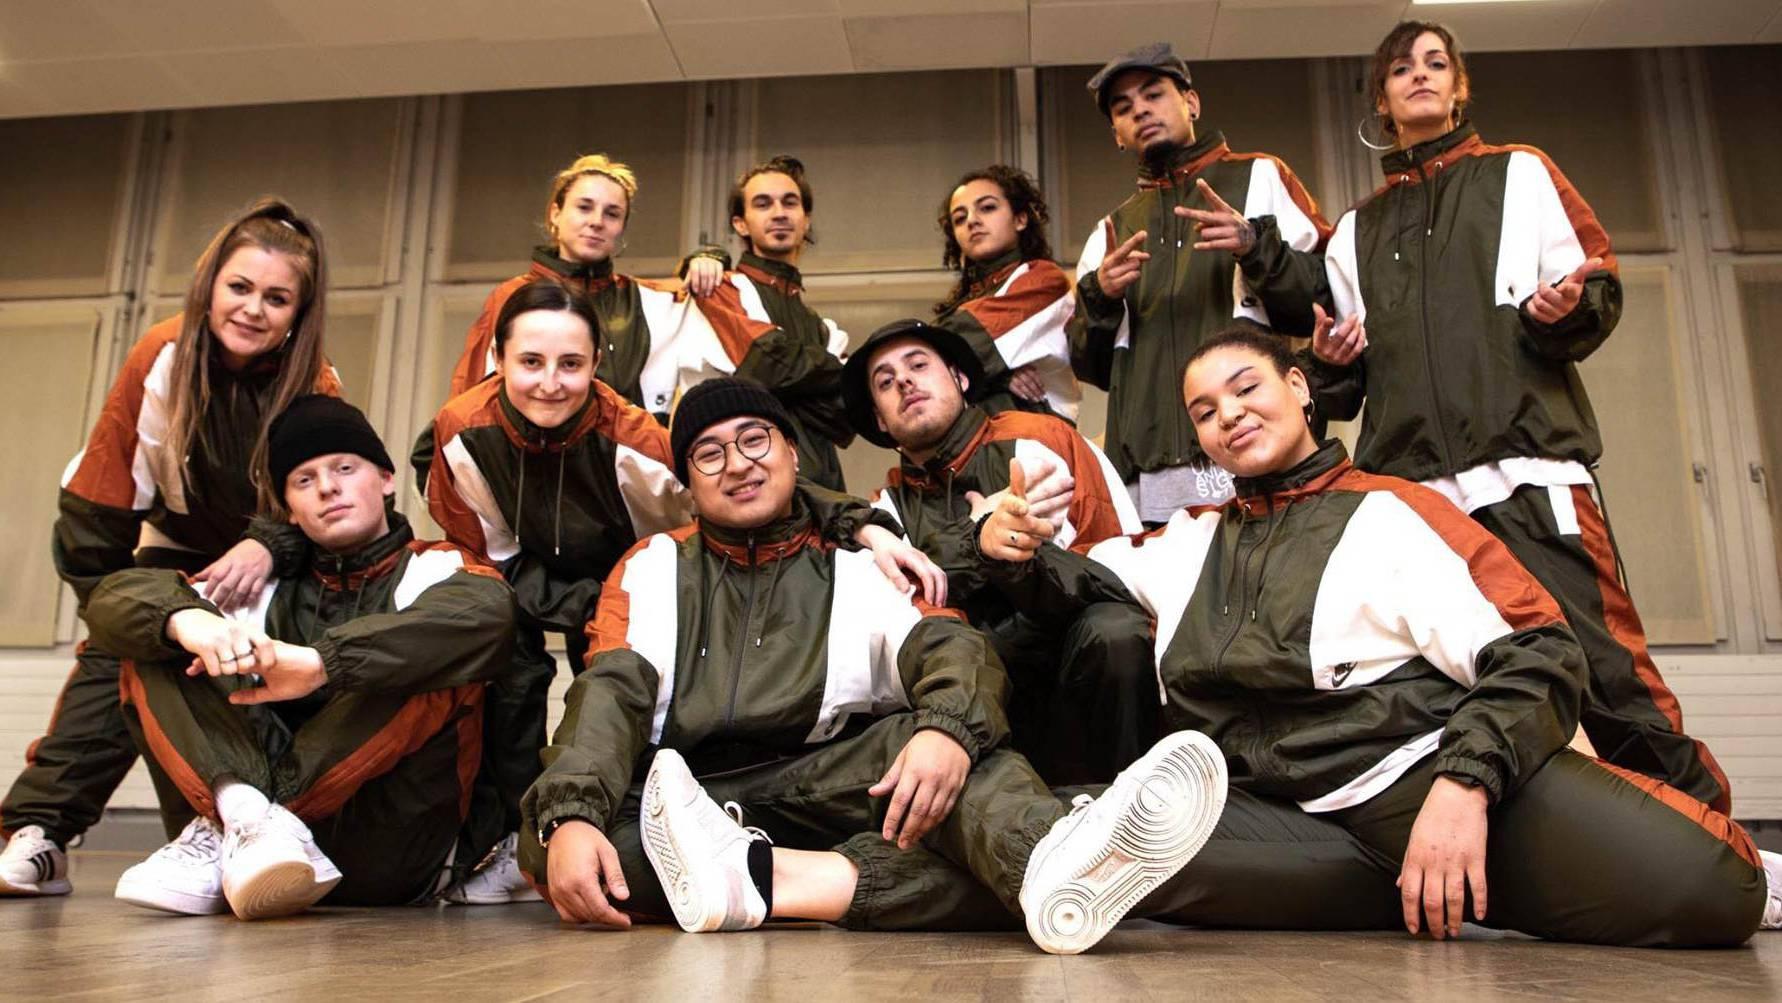 Die «La Fam»-Crew hat sich mit dem 4. Platz an der deutschen Meisterschaft für die WM in England qualifiziert.